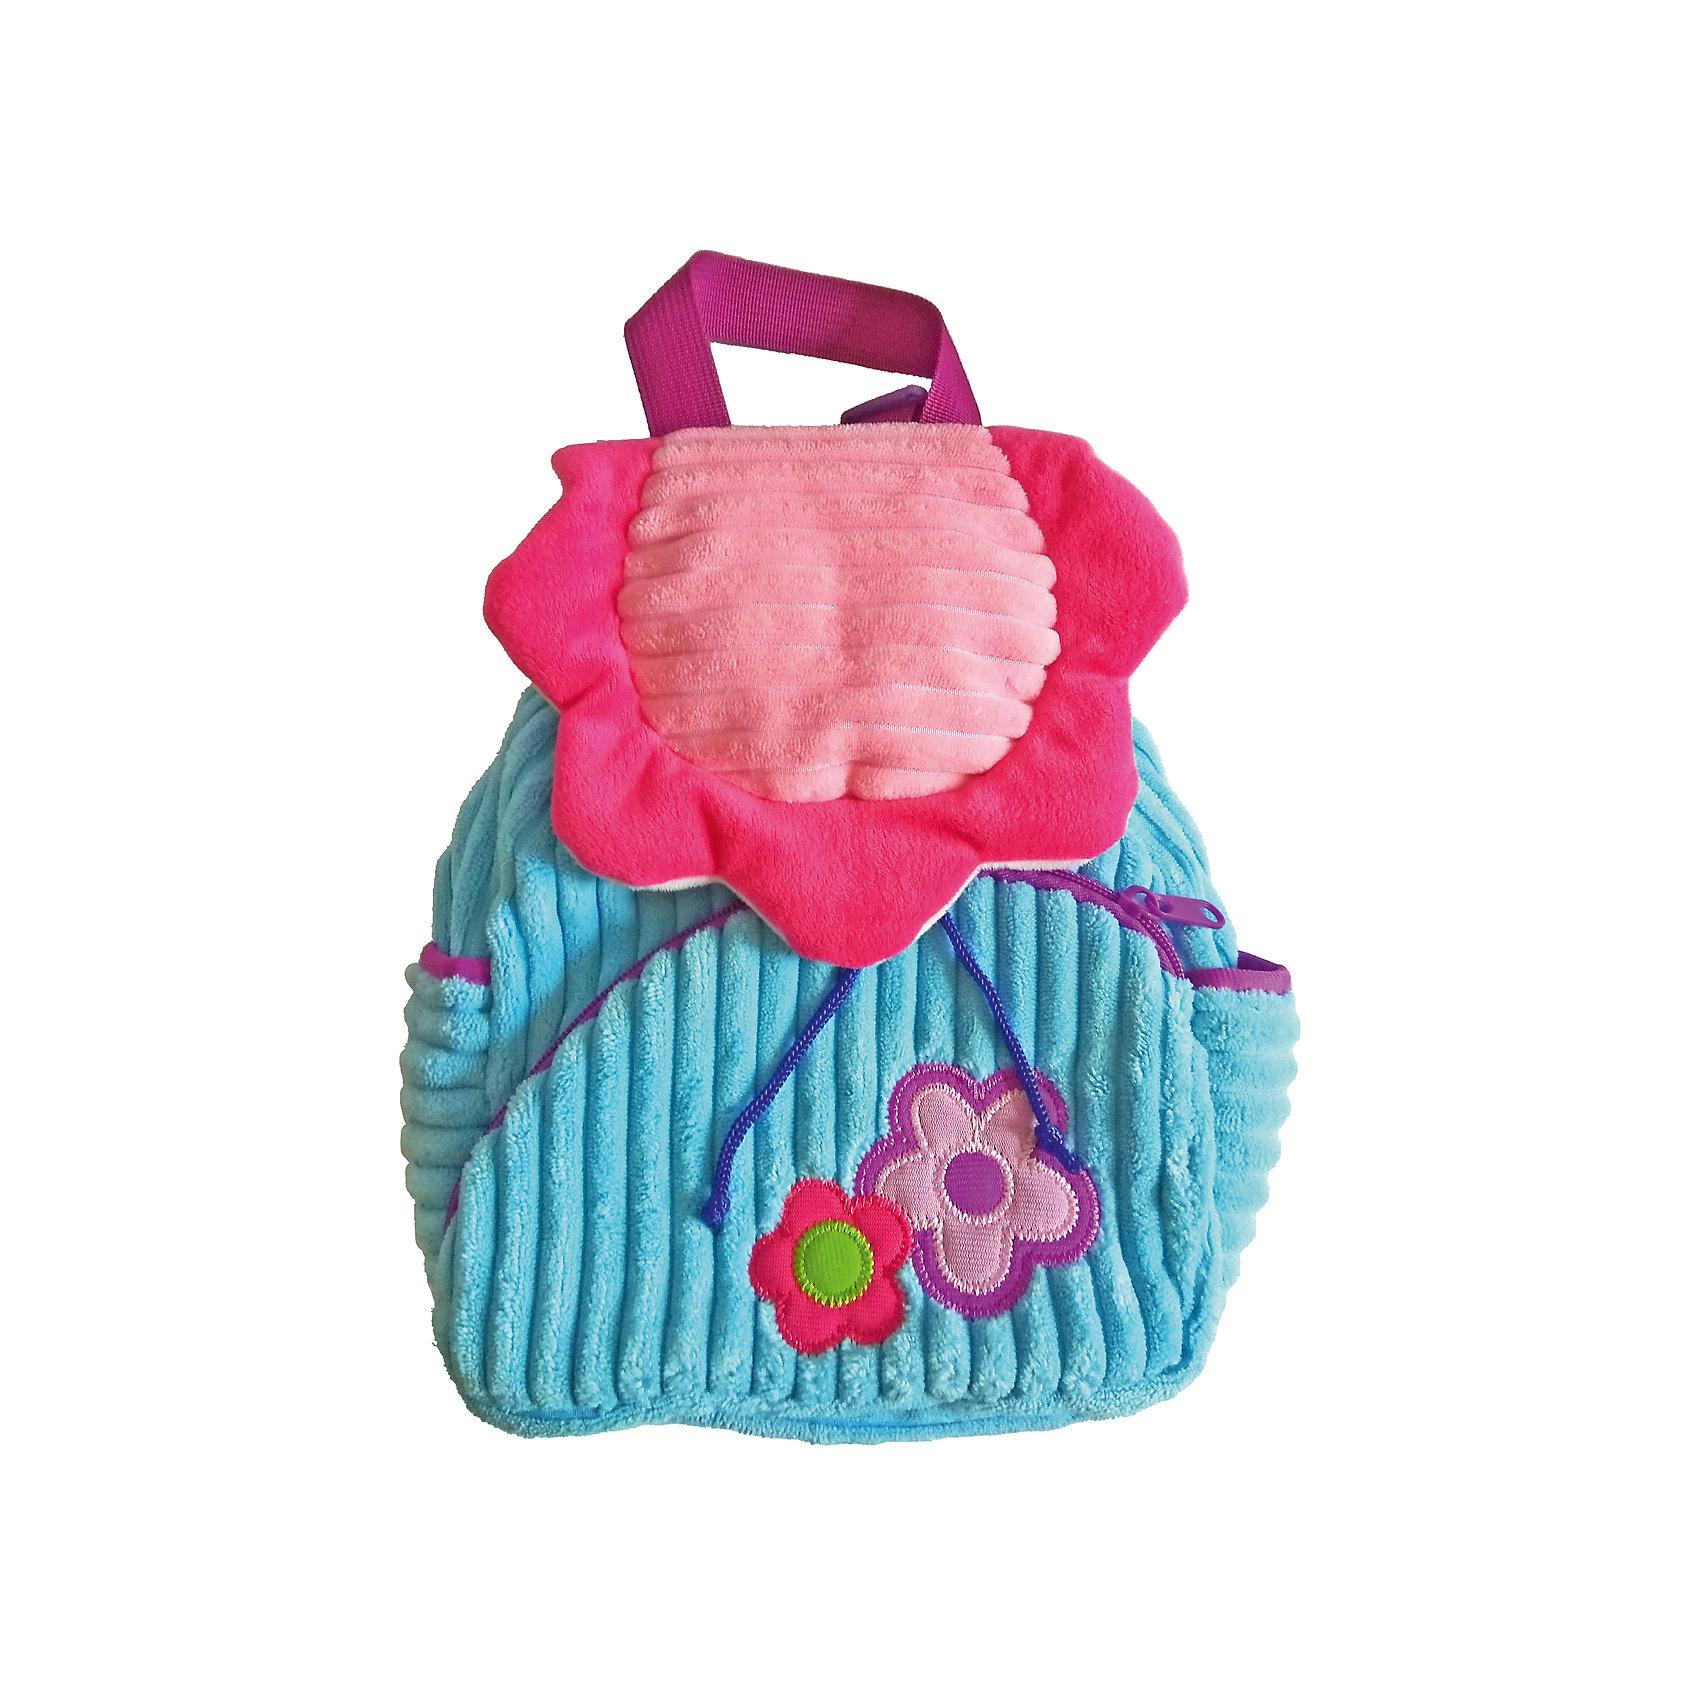 Рюкзачок Поляна, розово-голубой,  20*28 см.Детские рюкзаки<br>Рюкзачок Поляна, розово-голубой,  20*28 см., Shantou Gepai (Шанту Гепаи)<br><br>Характеристики:<br><br>• легкий и удобный<br>• оригинальный дизайн<br>• регулируемые лямки<br>• карман на молнии<br>• боковые кармашки<br>• размер: 20х28х8см<br>• материал: искусственный мех, текстиль, пластик<br>• размер упаковки: 20х28х6 см<br>• вес: 175 грамм<br><br>Рюкзачок Поляна создан специально для малышей, которые любят брать любимые игрушки в гости или на прогулку. Модель выполнена в оригинальном дизайне, изображающем полевые цветы. Основное отделение рюкзака утягивается ремешком и закрывается верхним клапаном в виде большого цветка. Для нужных мелочей предусмотрен передний карман на молнии и два боковых кармашка. Лямки рюкзачка регулируются по росту ребенка.<br><br>Рюкзачок Поляна, розово-голубой,  20*28 см., Shantou Gepai (Шанту Гепаи) вы можете купить в нашем интернет-магазине.<br><br>Ширина мм: 200<br>Глубина мм: 280<br>Высота мм: 600<br>Вес г: 175<br>Возраст от месяцев: 36<br>Возраст до месяцев: 2147483647<br>Пол: Женский<br>Возраст: Детский<br>SKU: 5508544